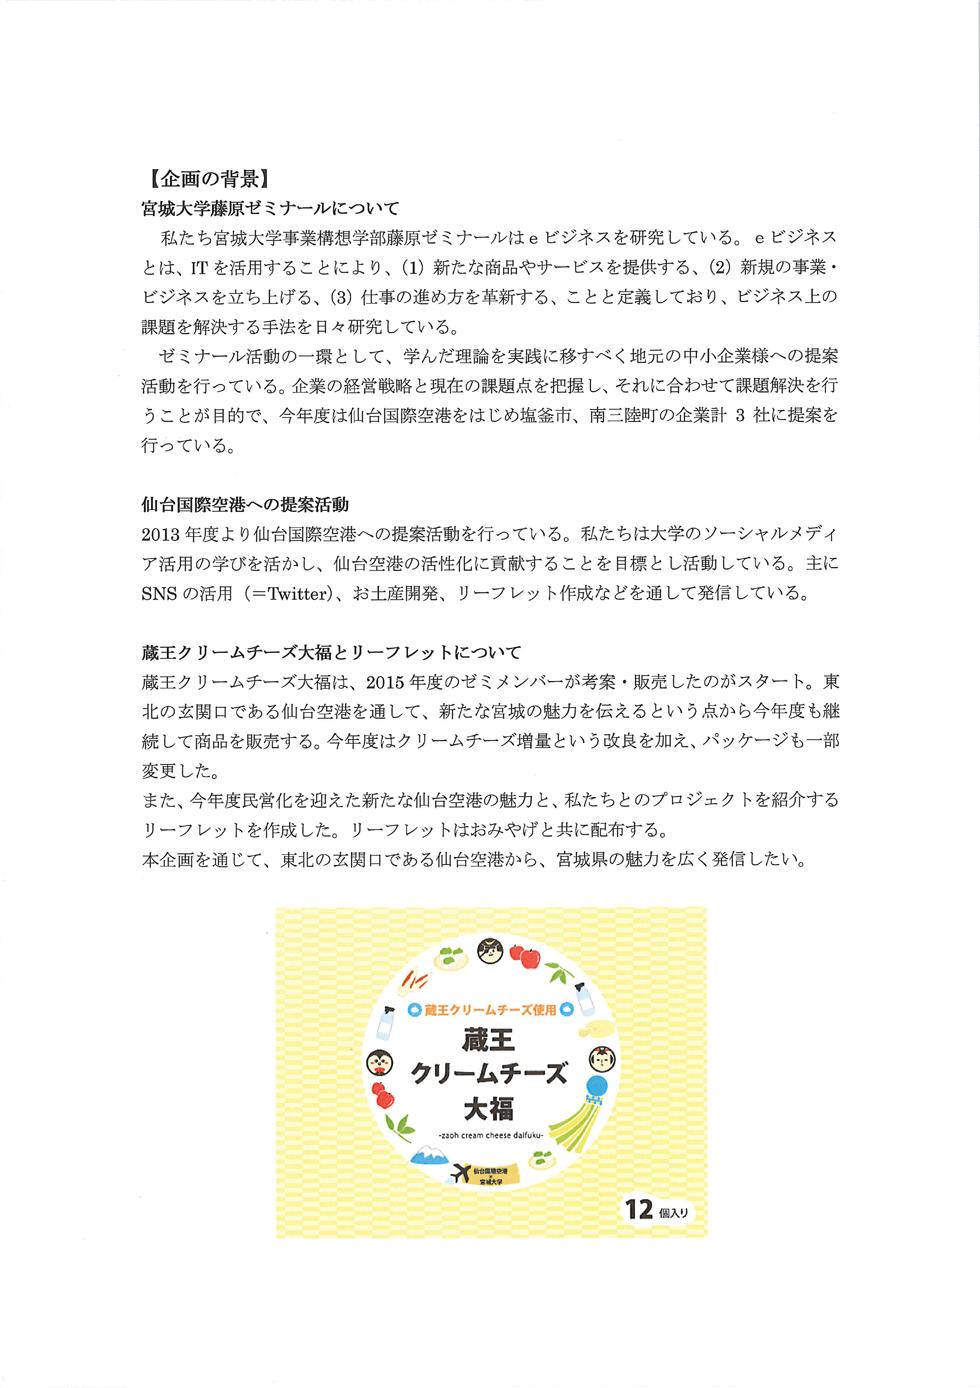 宮城大学と仙台国際空港では「仙台空港から宮城県の魅力を伝える」をテーマに、共同で商品の開発を進めて参りました。このたび、その成果としてのおみやげ品の販売を行いますのでお知らせします。